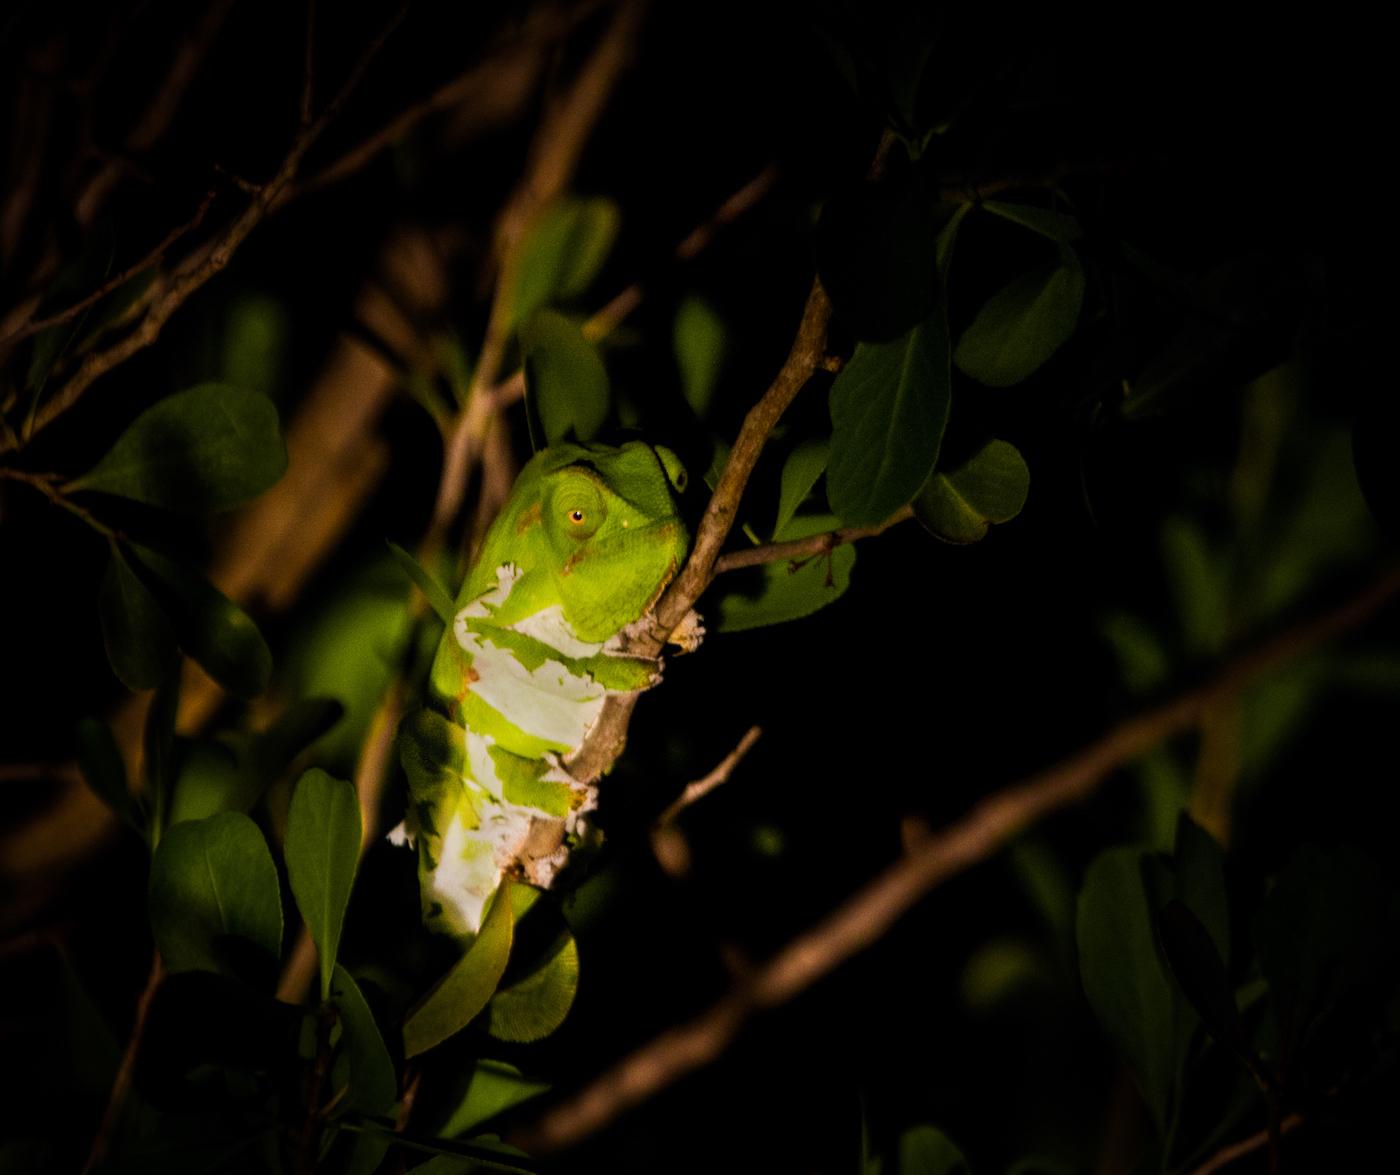 Where Did All The Chameleons Go?